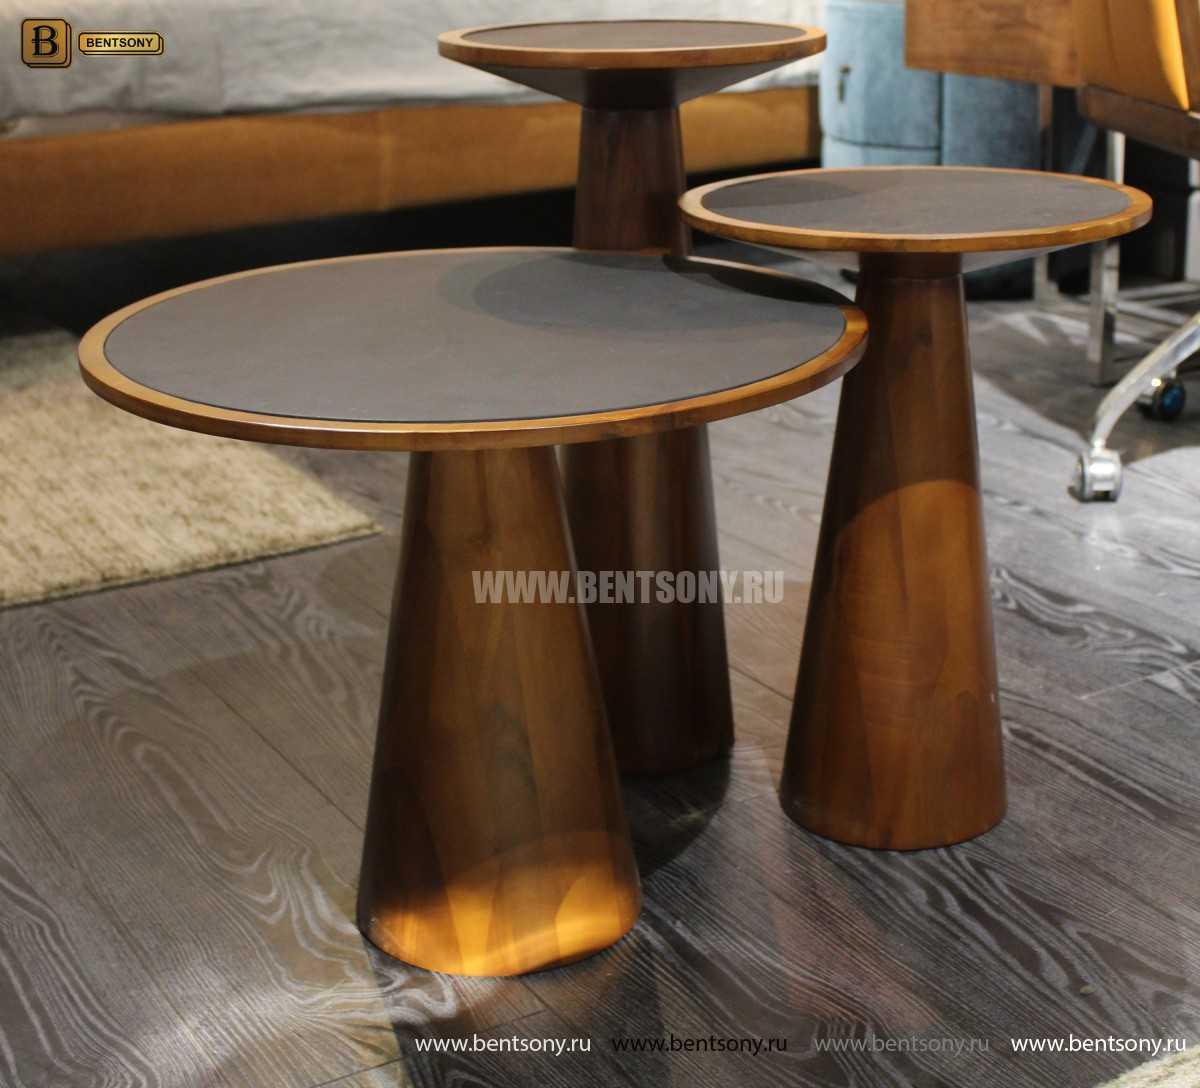 Деревянный приставной стол (Стеклянная столешница) каталог мебели